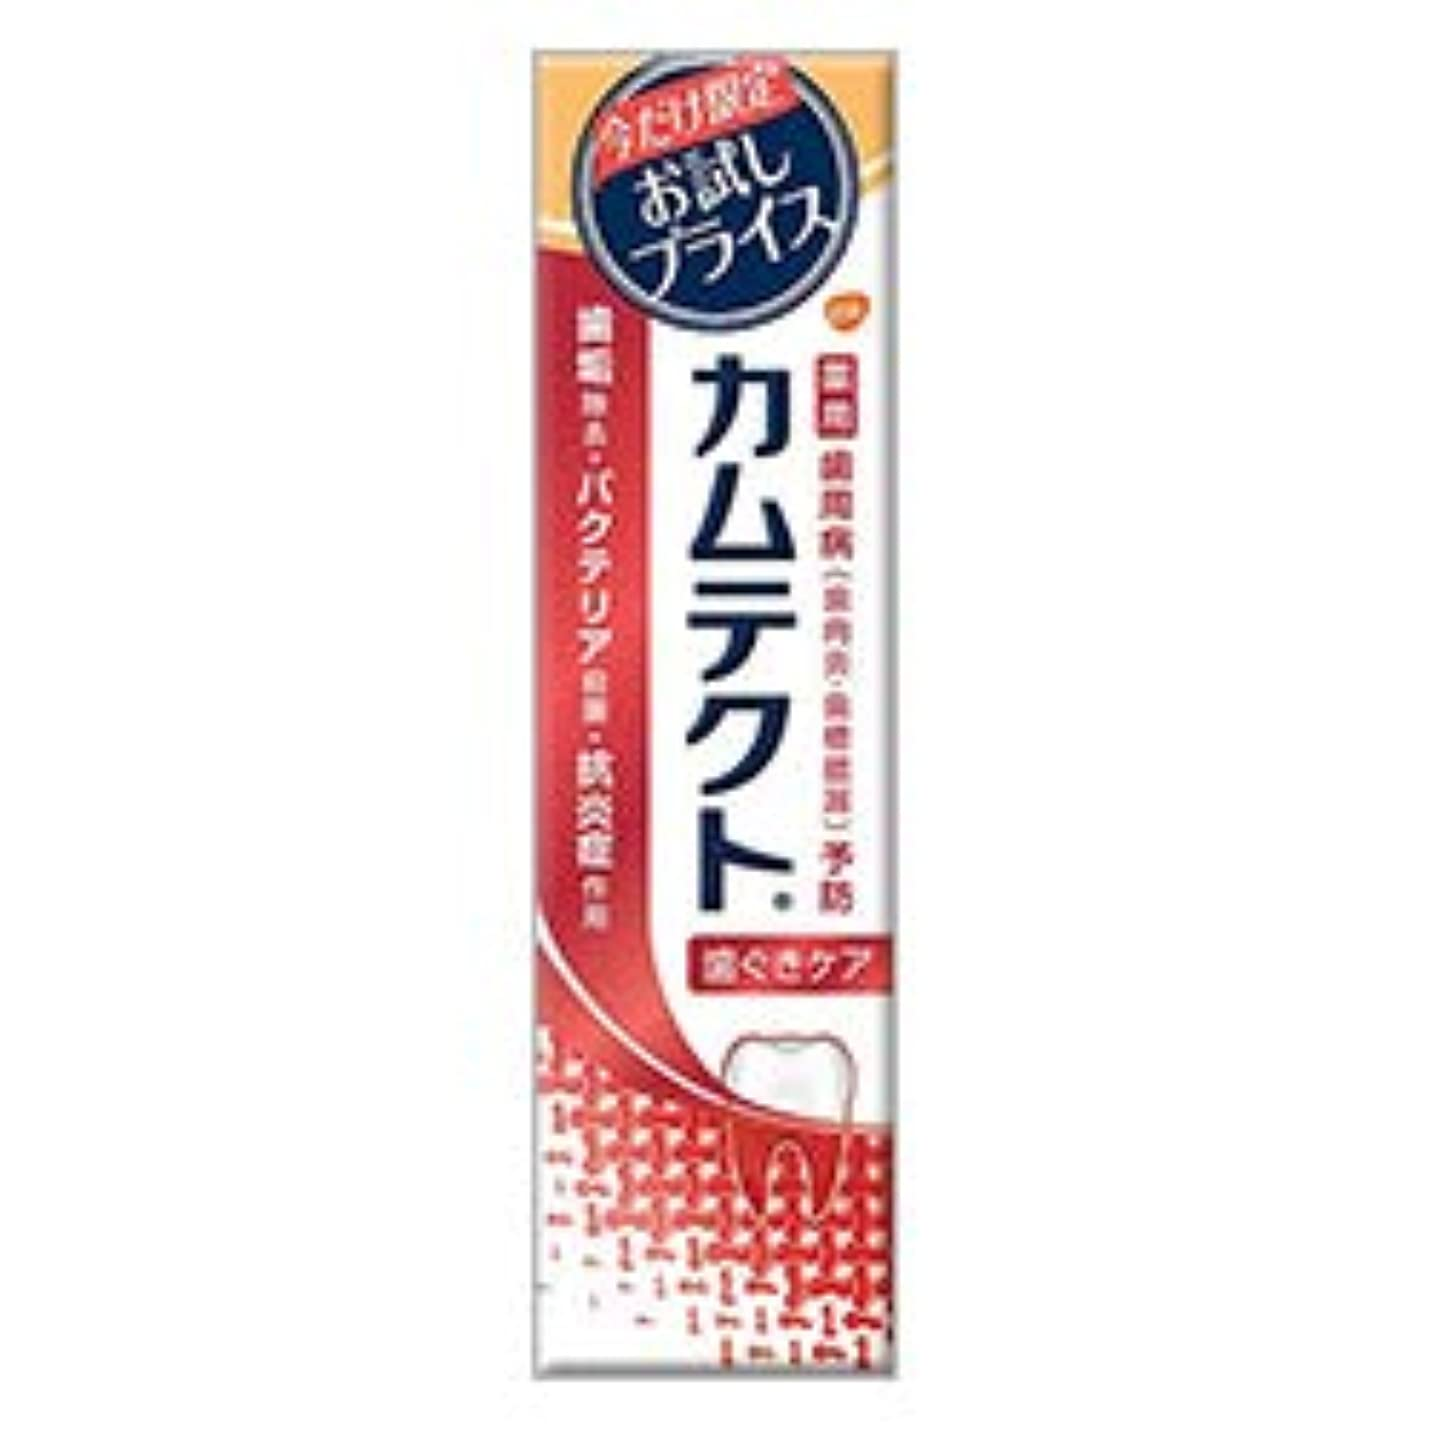 【アース製薬】カムテクト 歯ぐきケア 限定お試し版 105g [医薬部外品] ×5個セット